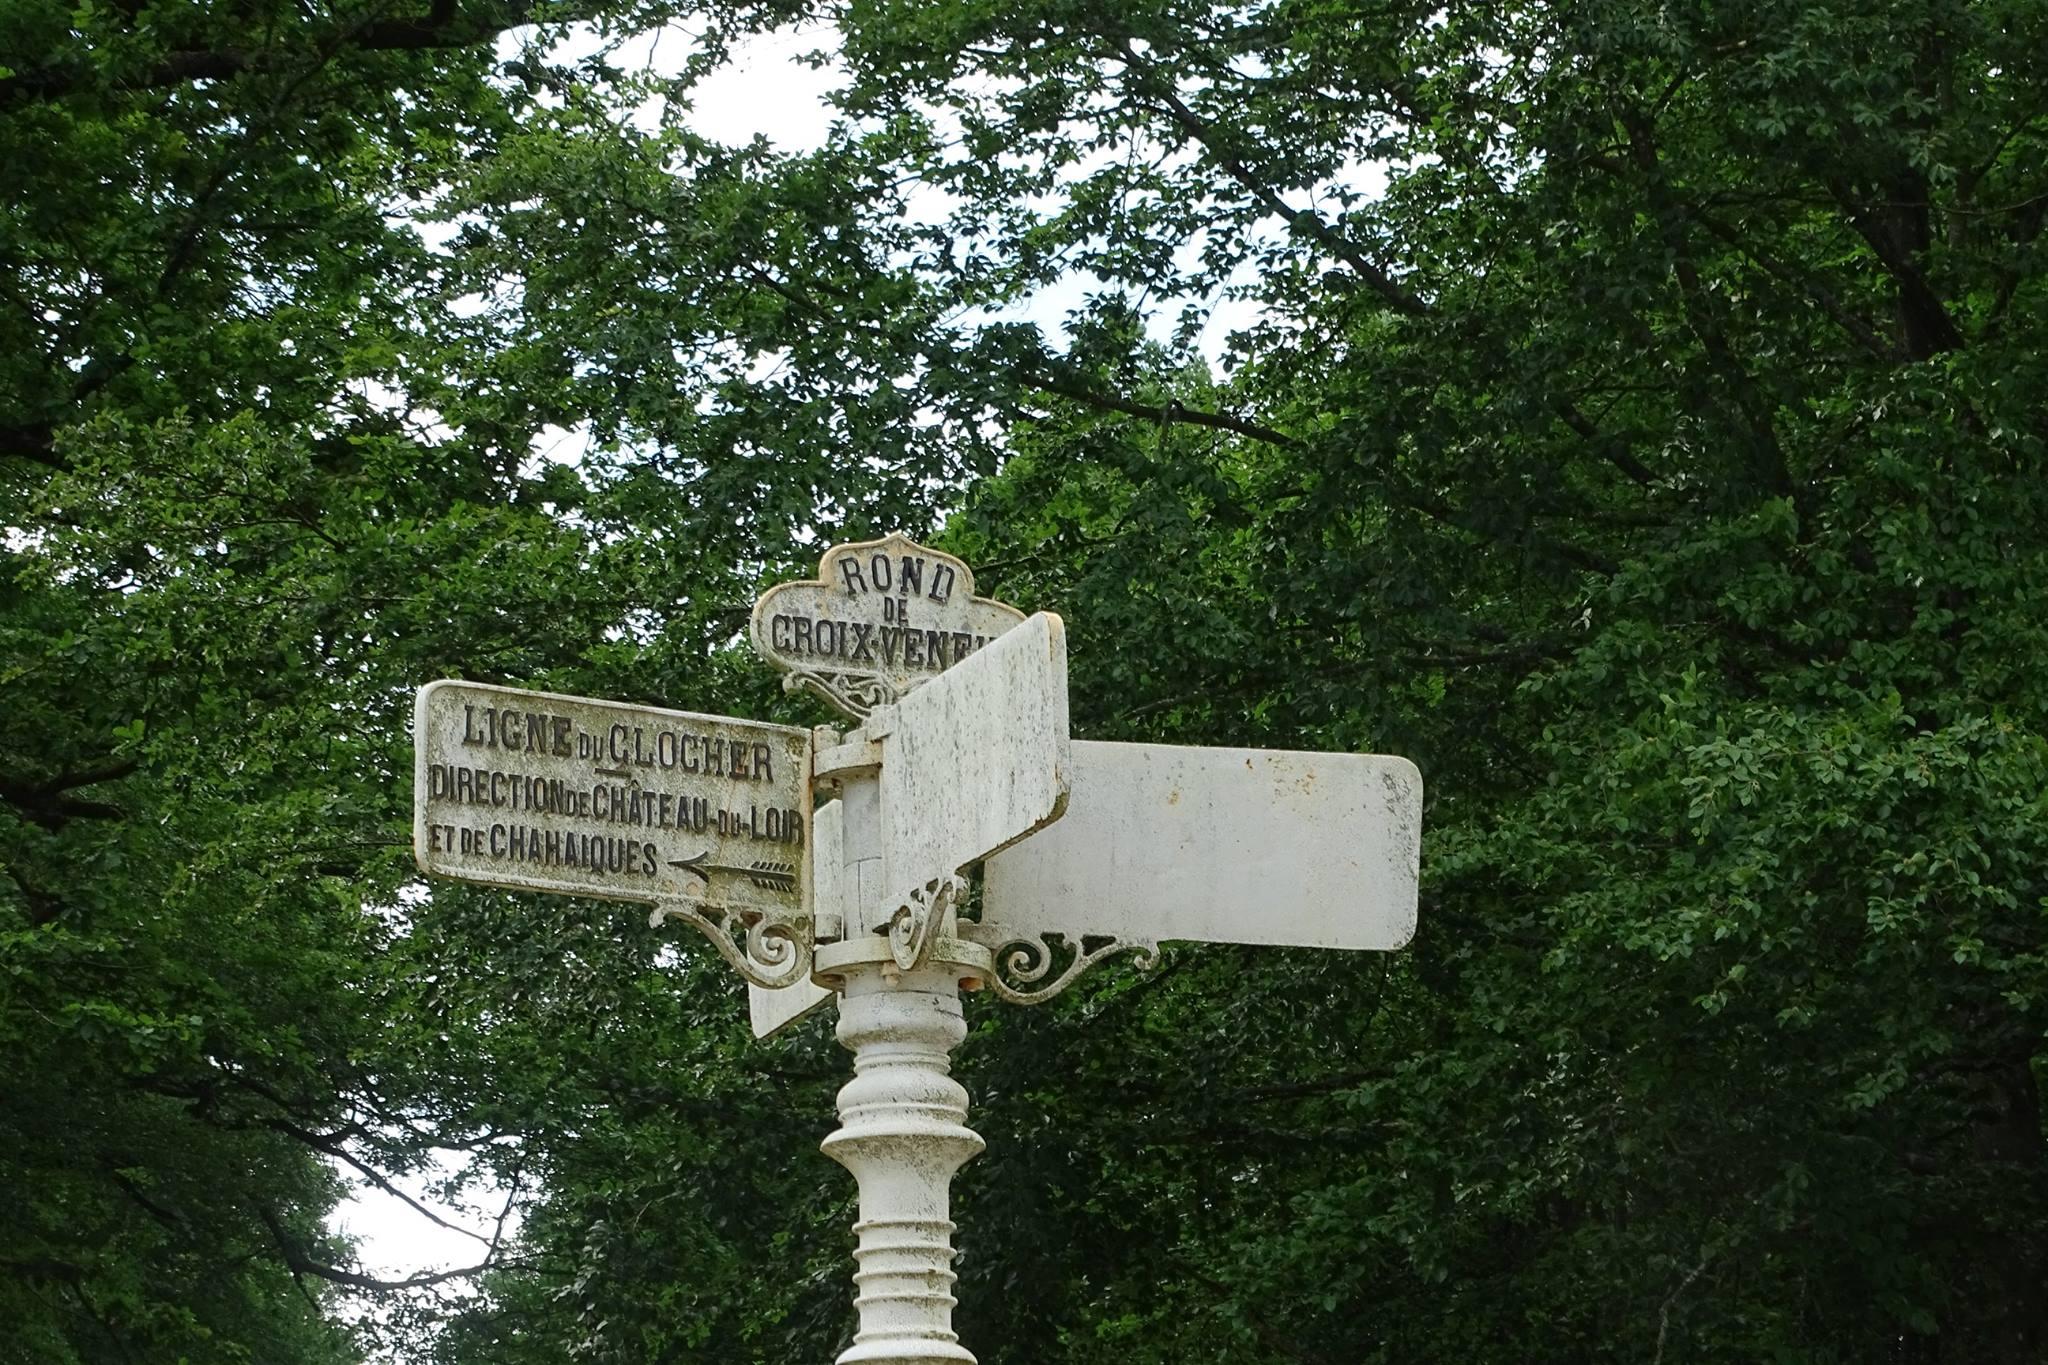 Forêt de Bercé - Plaque de cocher - Rond de Croix Veneur - Ligne du clocher - Direction de Château du Loir et de Chahaiques (Marie-Yvonne Mersanne)